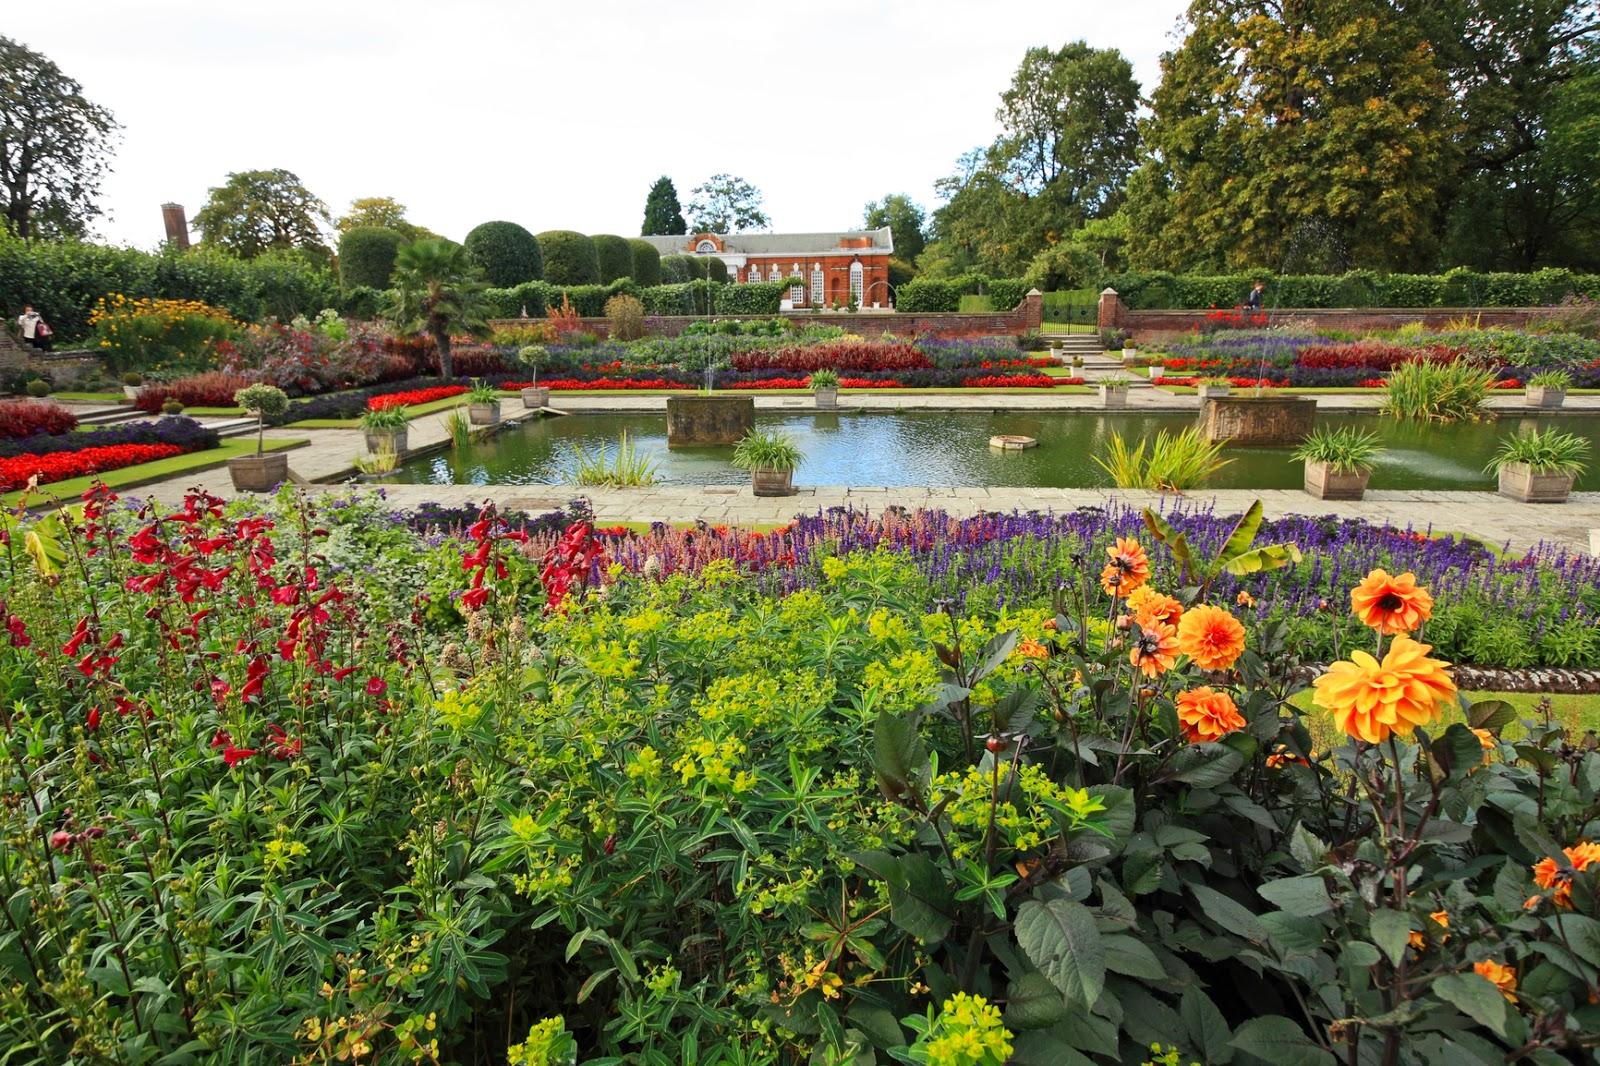 Fondos De Pantalla De Flores Hermosas Para Fondo Celular: Imagenes De Jardines Con Flores